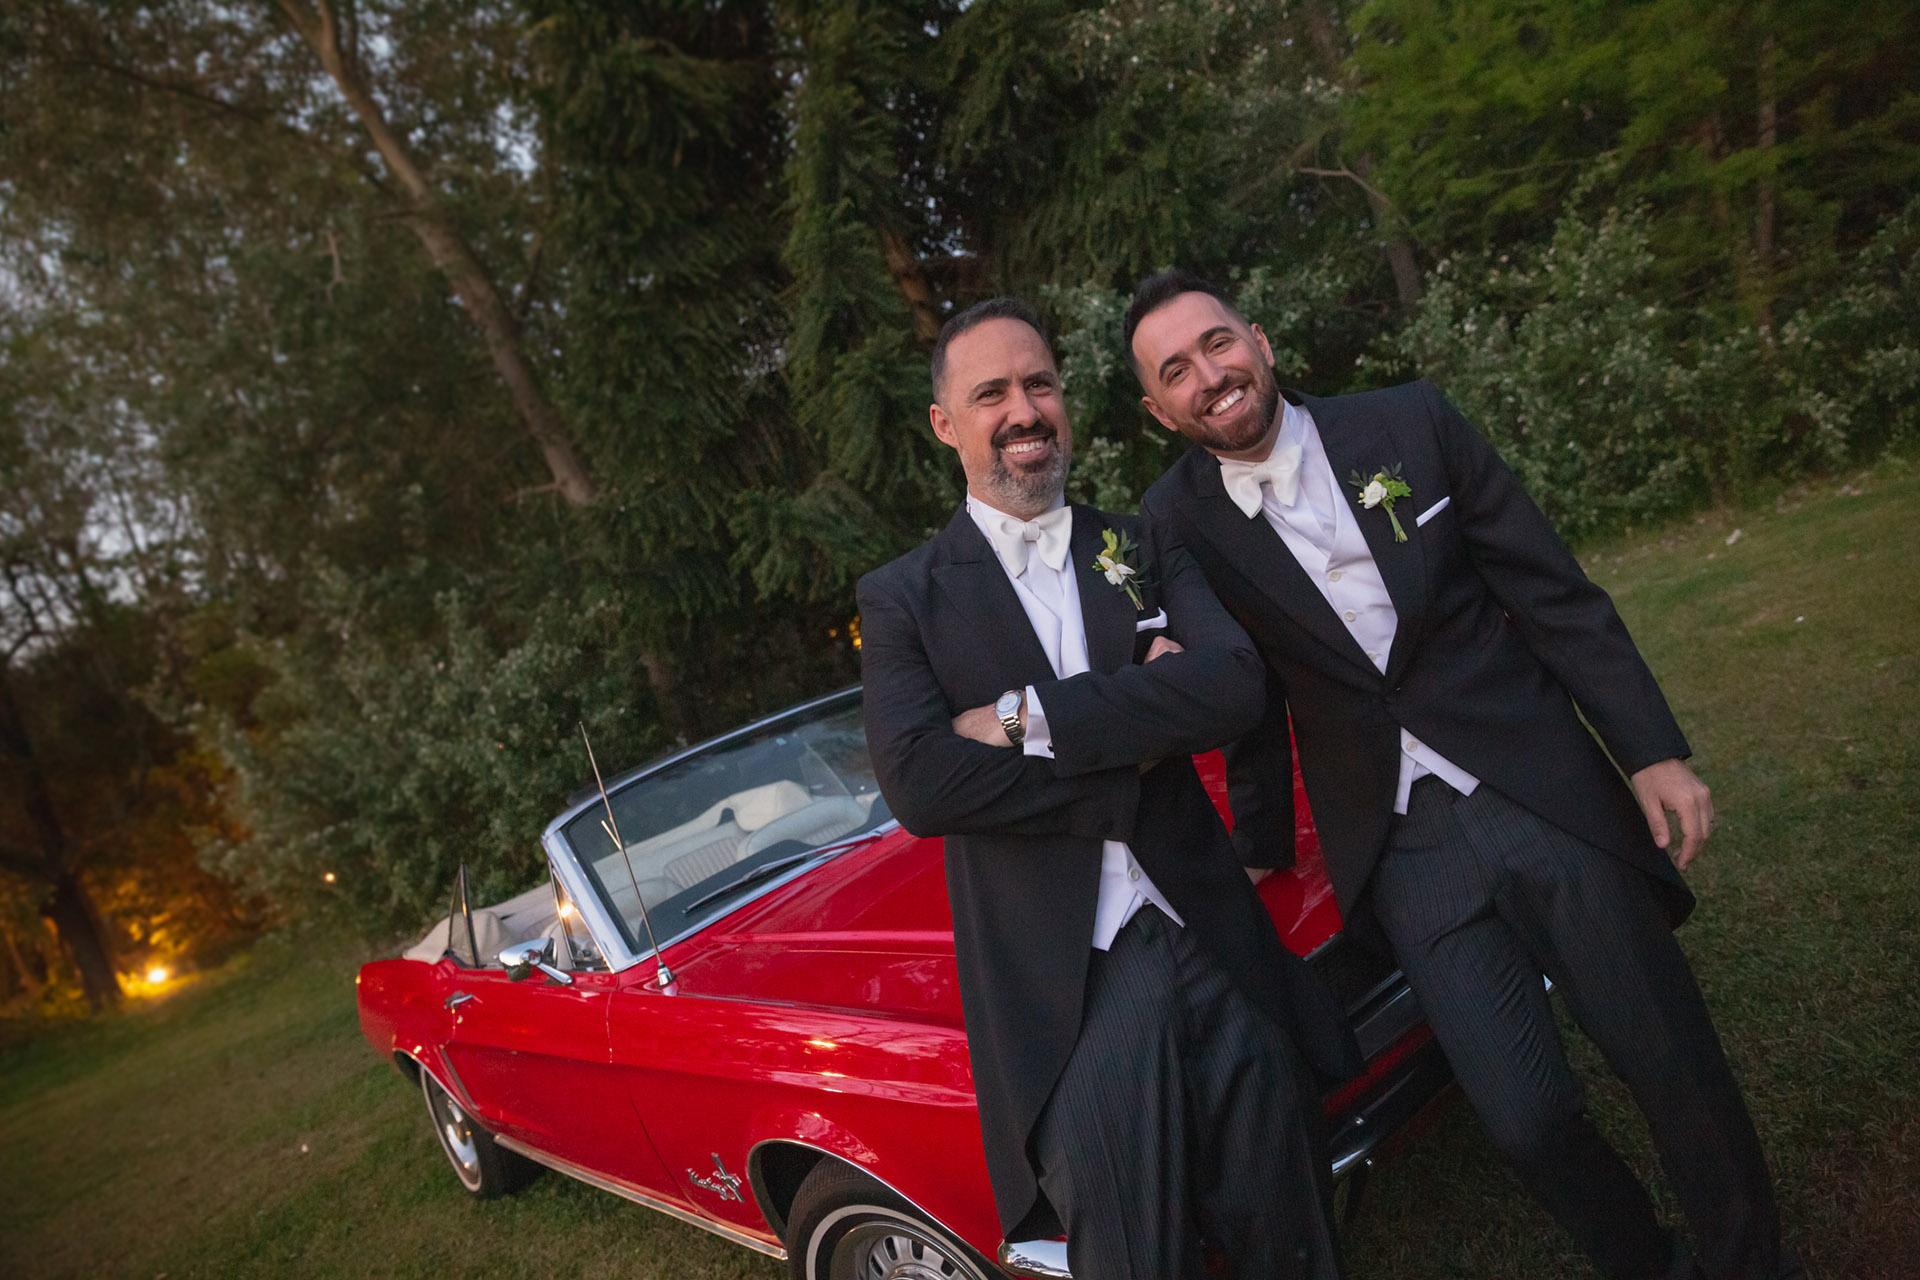 """Los novios entraron a la fiesta a bordo de un Ford Mustang de colección, acompañados por el tema de la película """"Ghost,, la sombra del amor"""